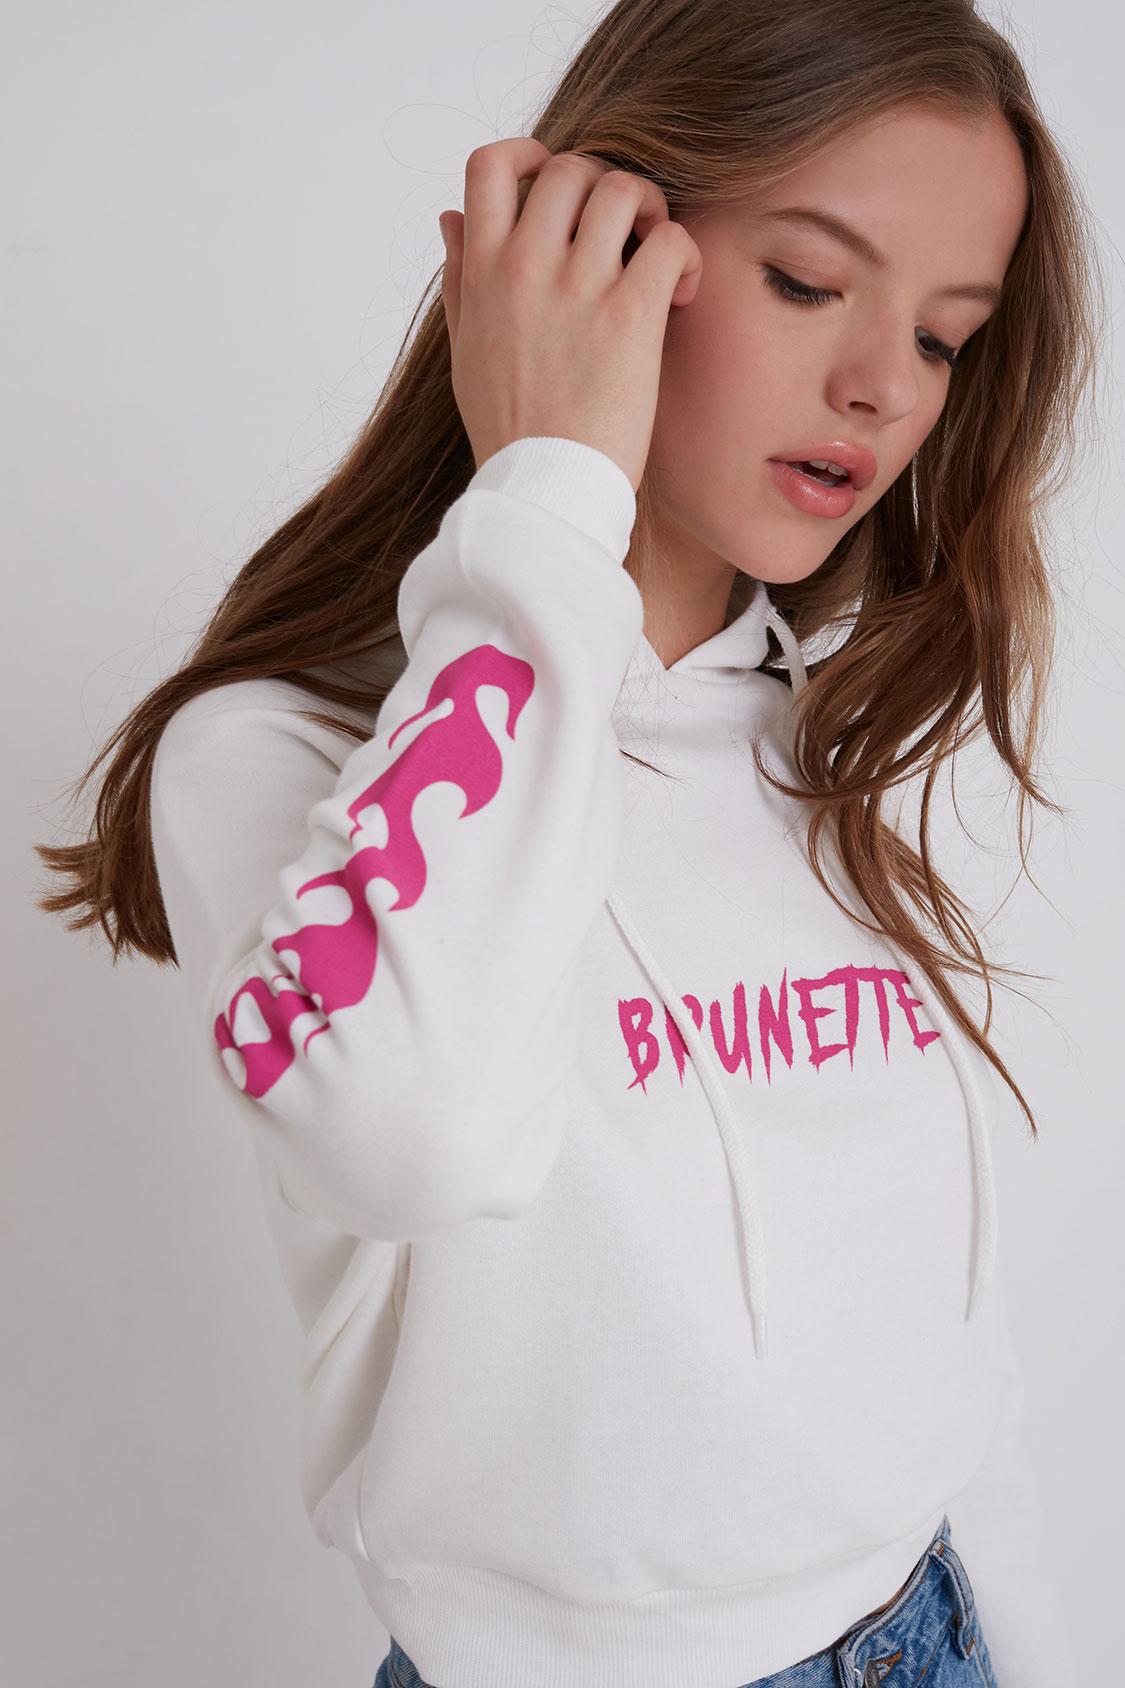 Brunette printed hoodie